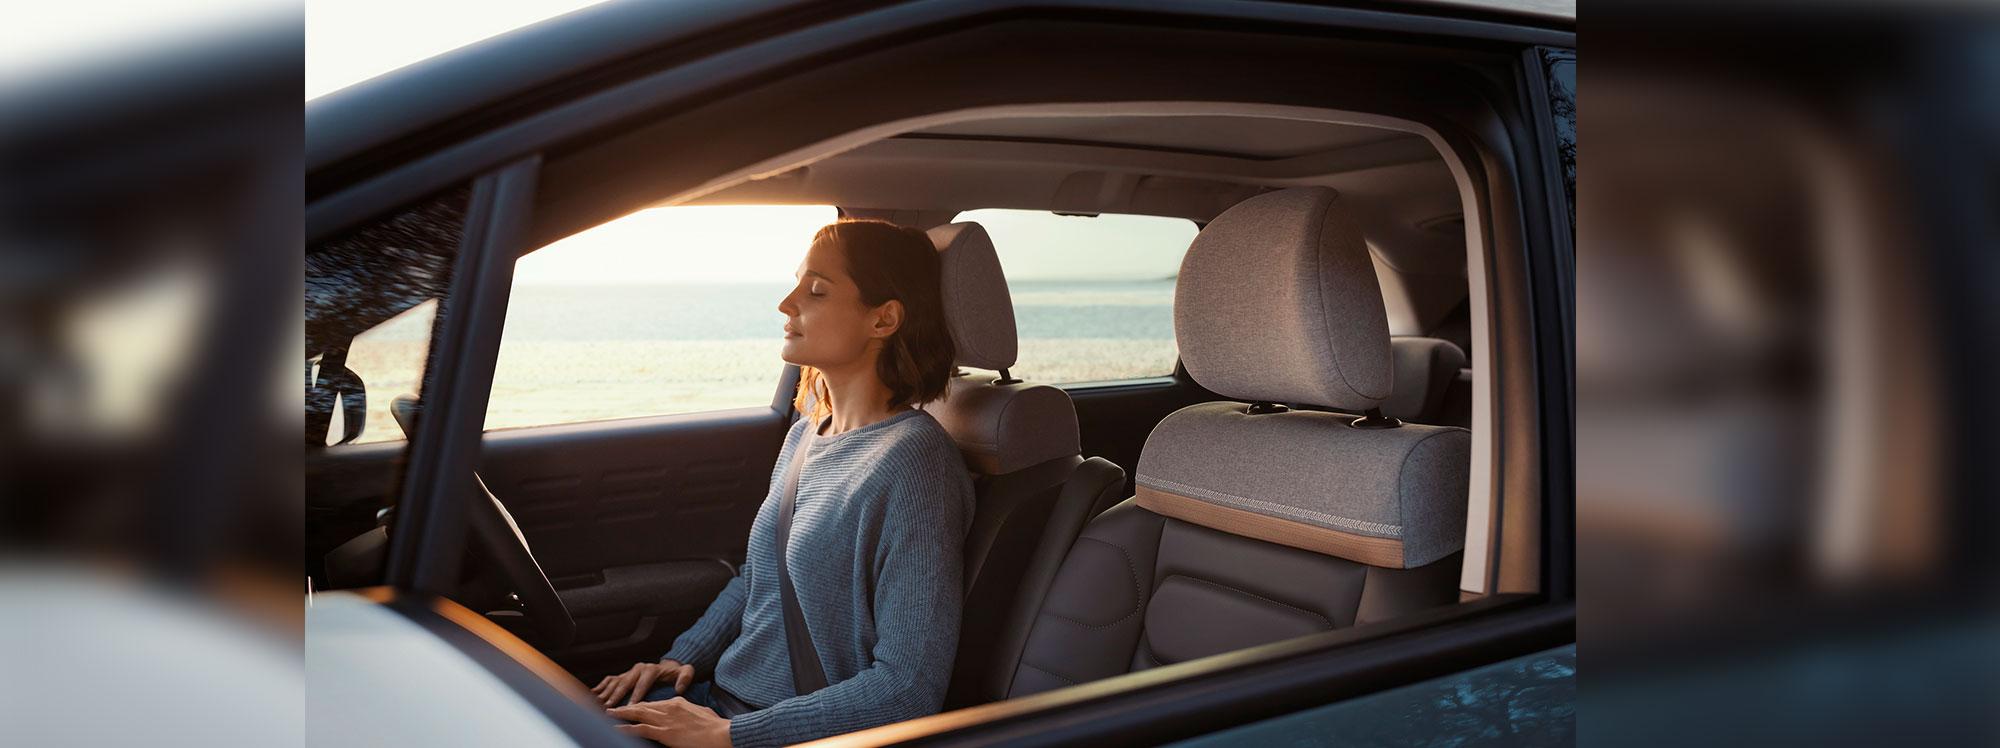 La comodidad es clave para reducir riesgos en la carretera